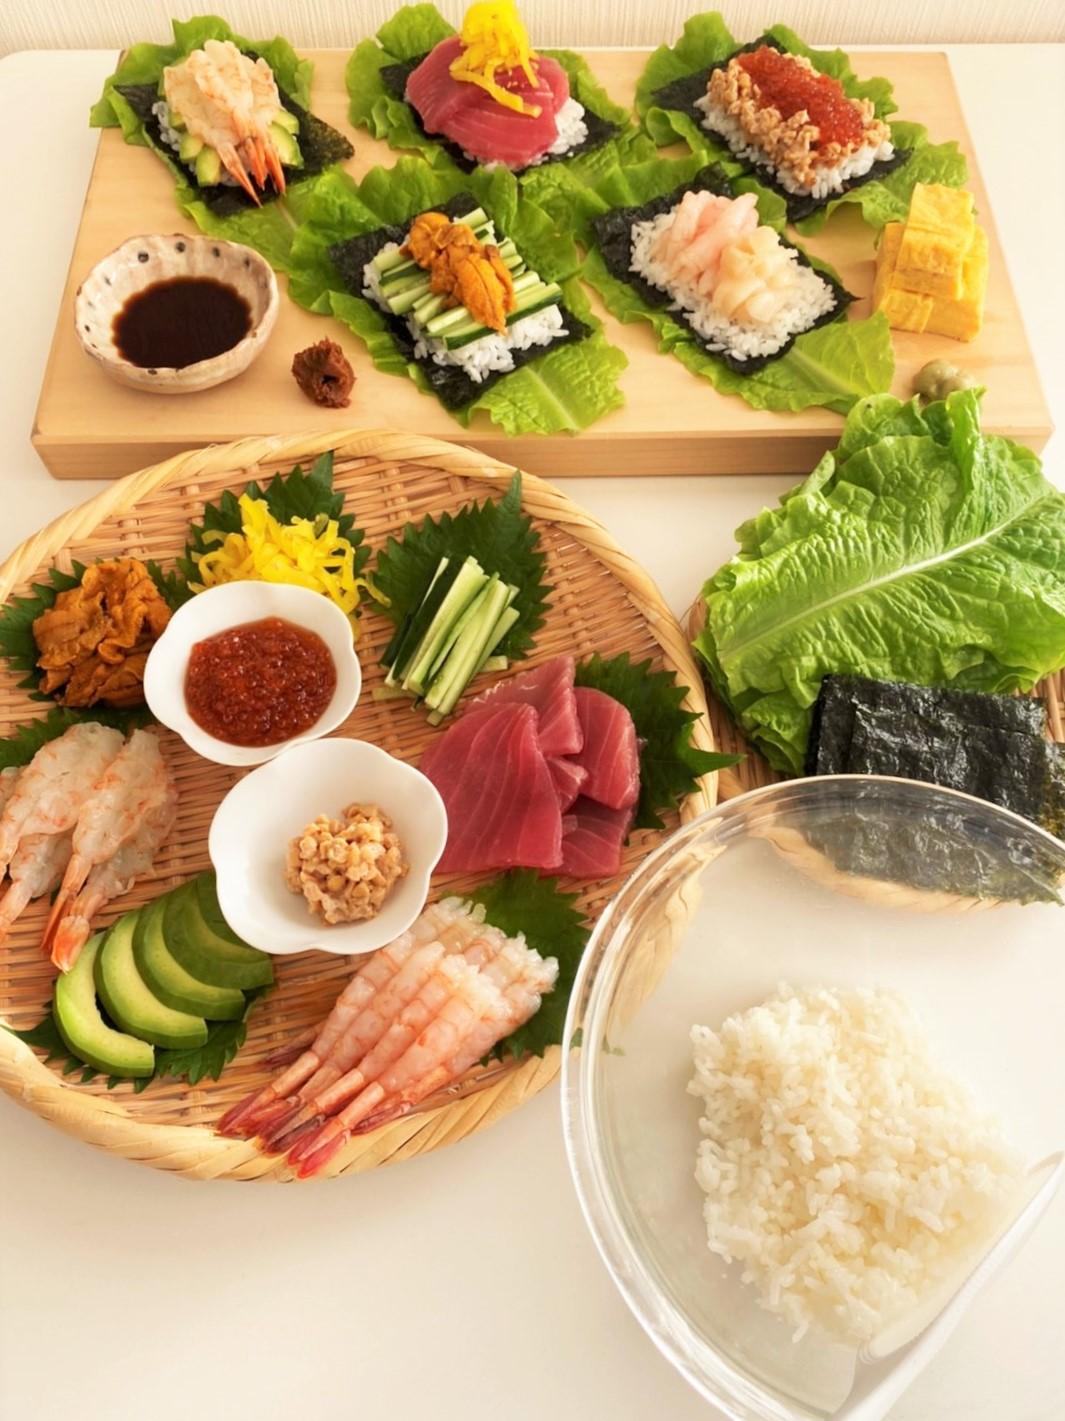 「漁師さん応援プロジェクト」で作る、お家で簡単、お寿司・手巻き寿司のアイデアレシピをご紹介!